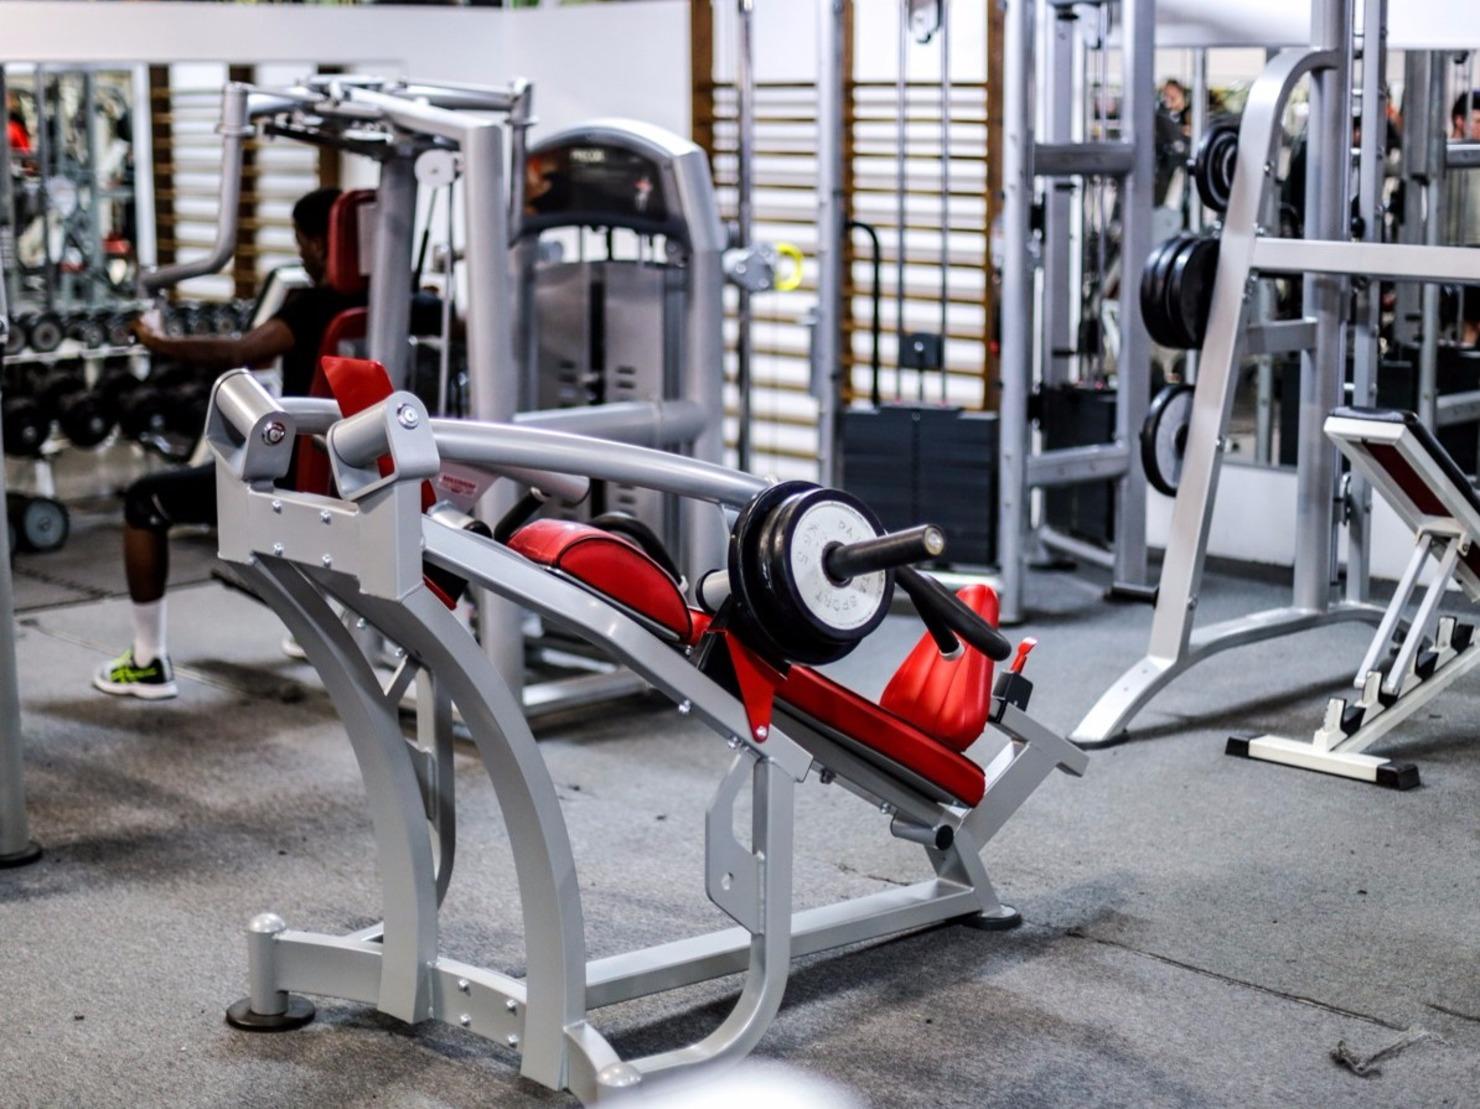 iron gym fleury les aubrais tarifs avis horaires essai gratuit. Black Bedroom Furniture Sets. Home Design Ideas